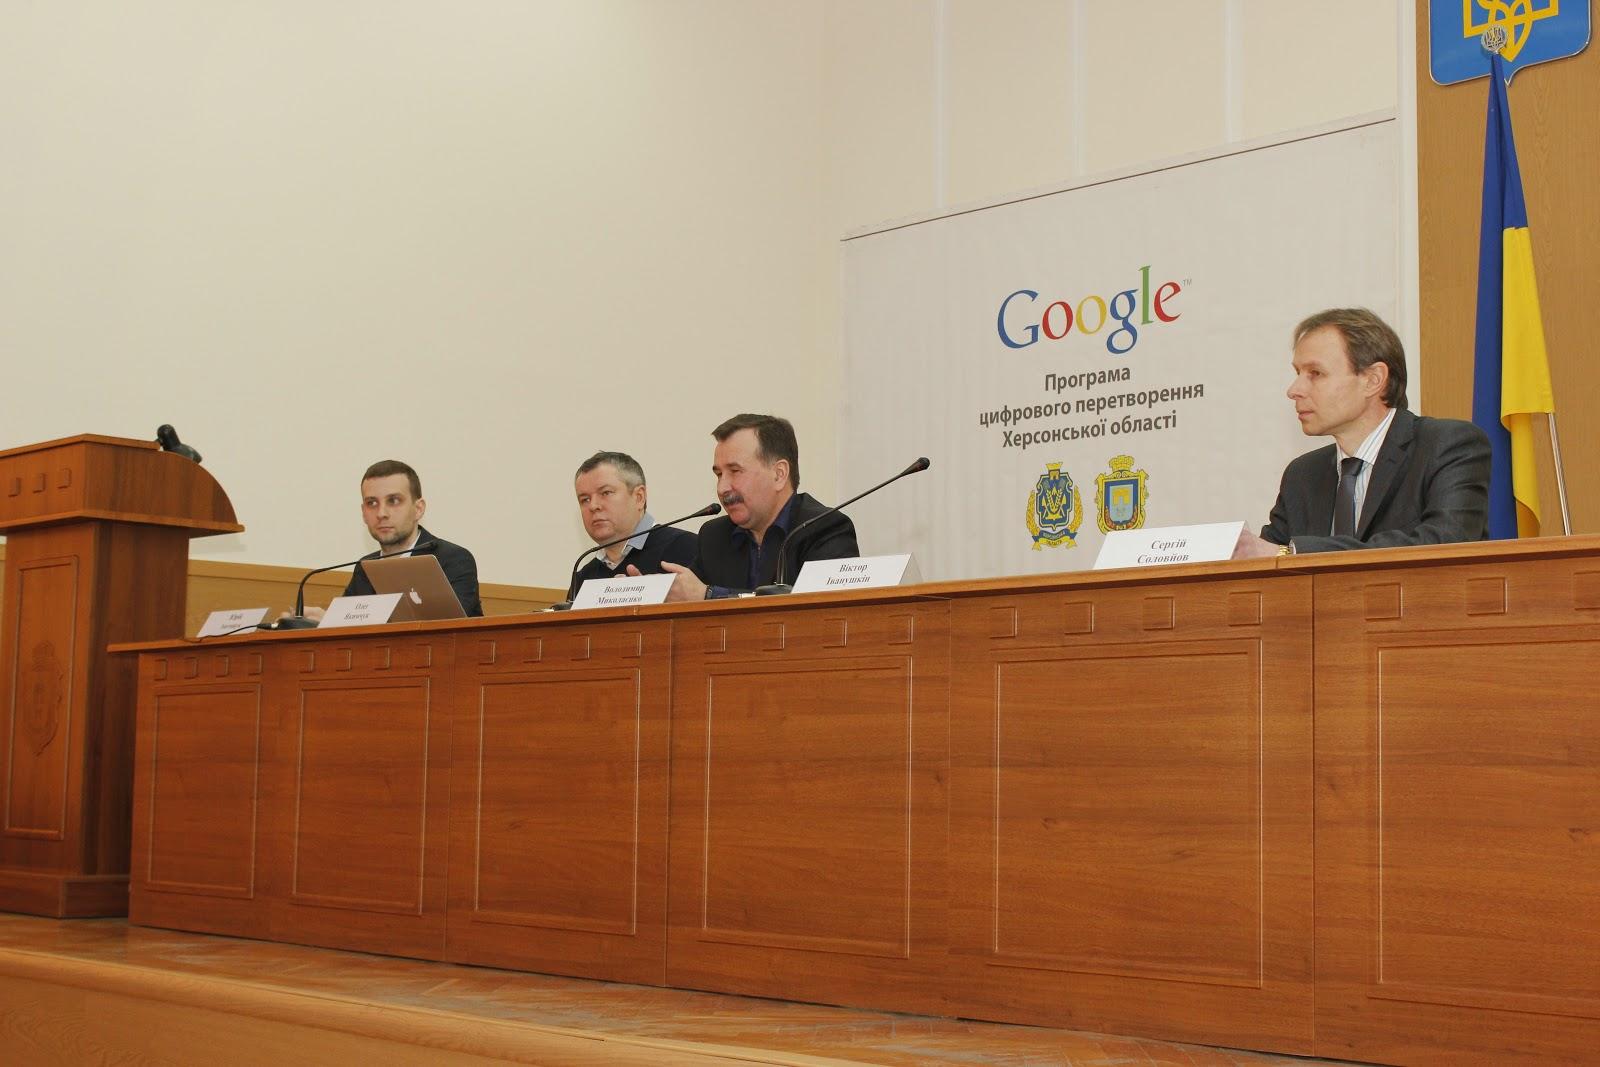 Начало Google семинара для чиновников в Херсоне